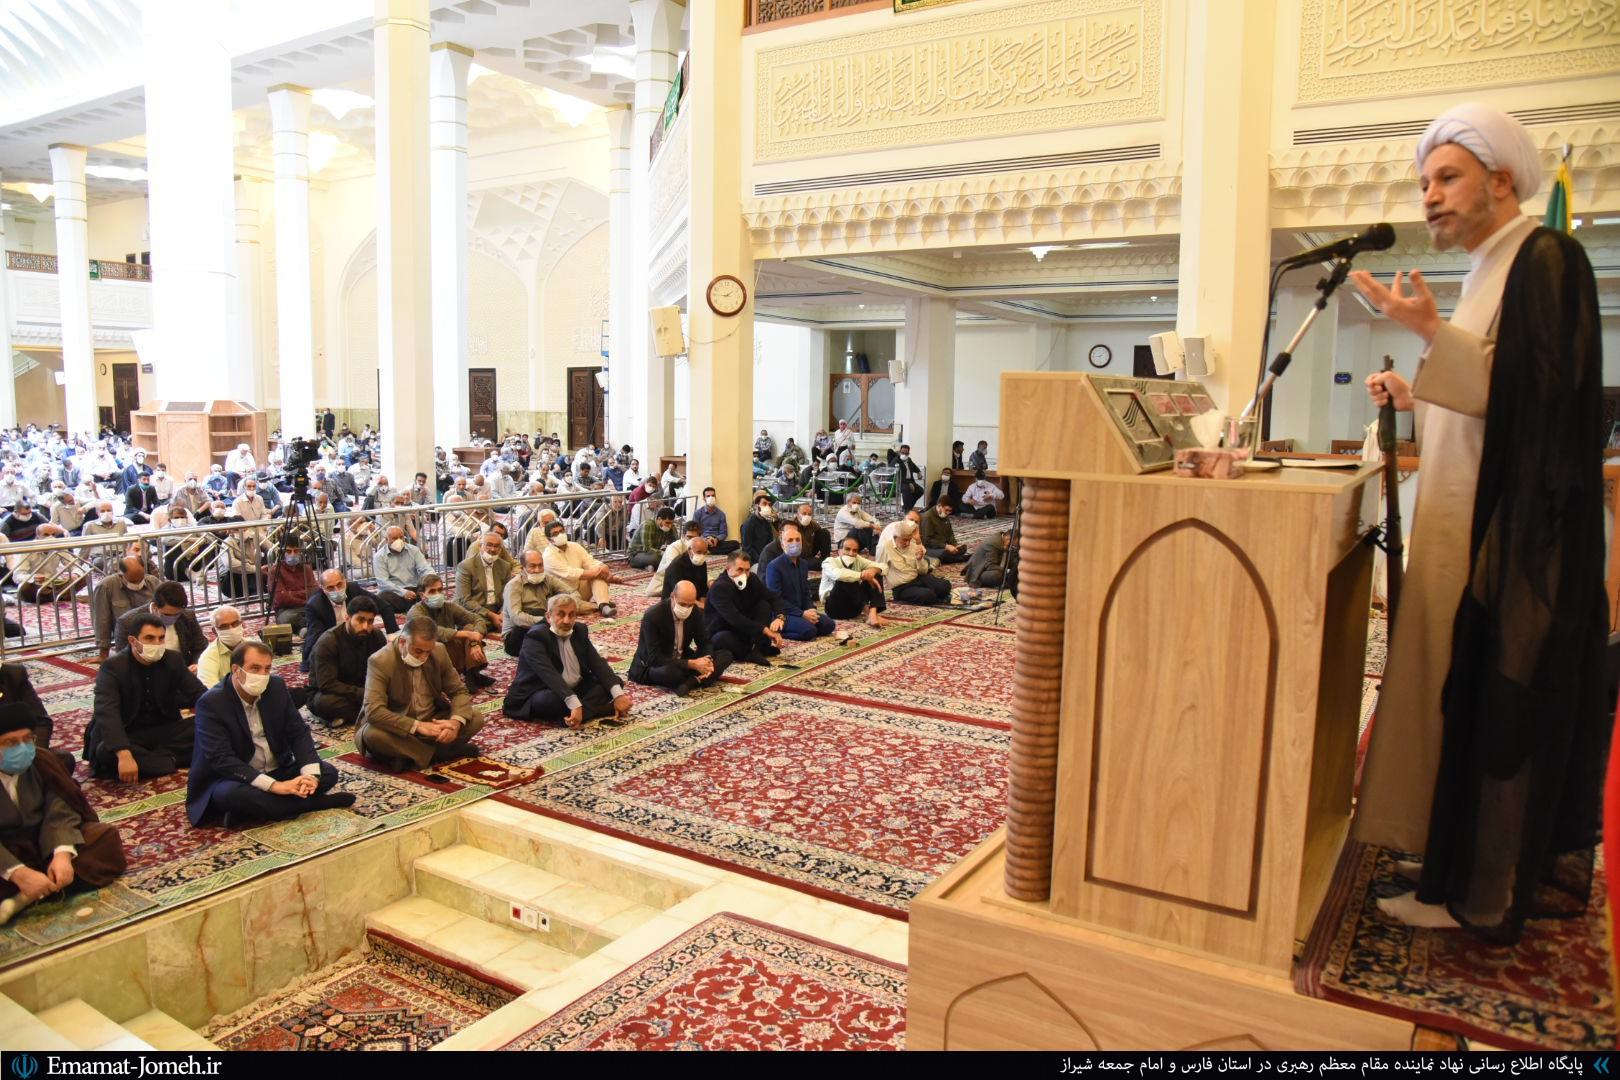 بیانات آیت الله دژکام در خطبه های نماز جمعه ۲۳ خرداد ماه ۹۹